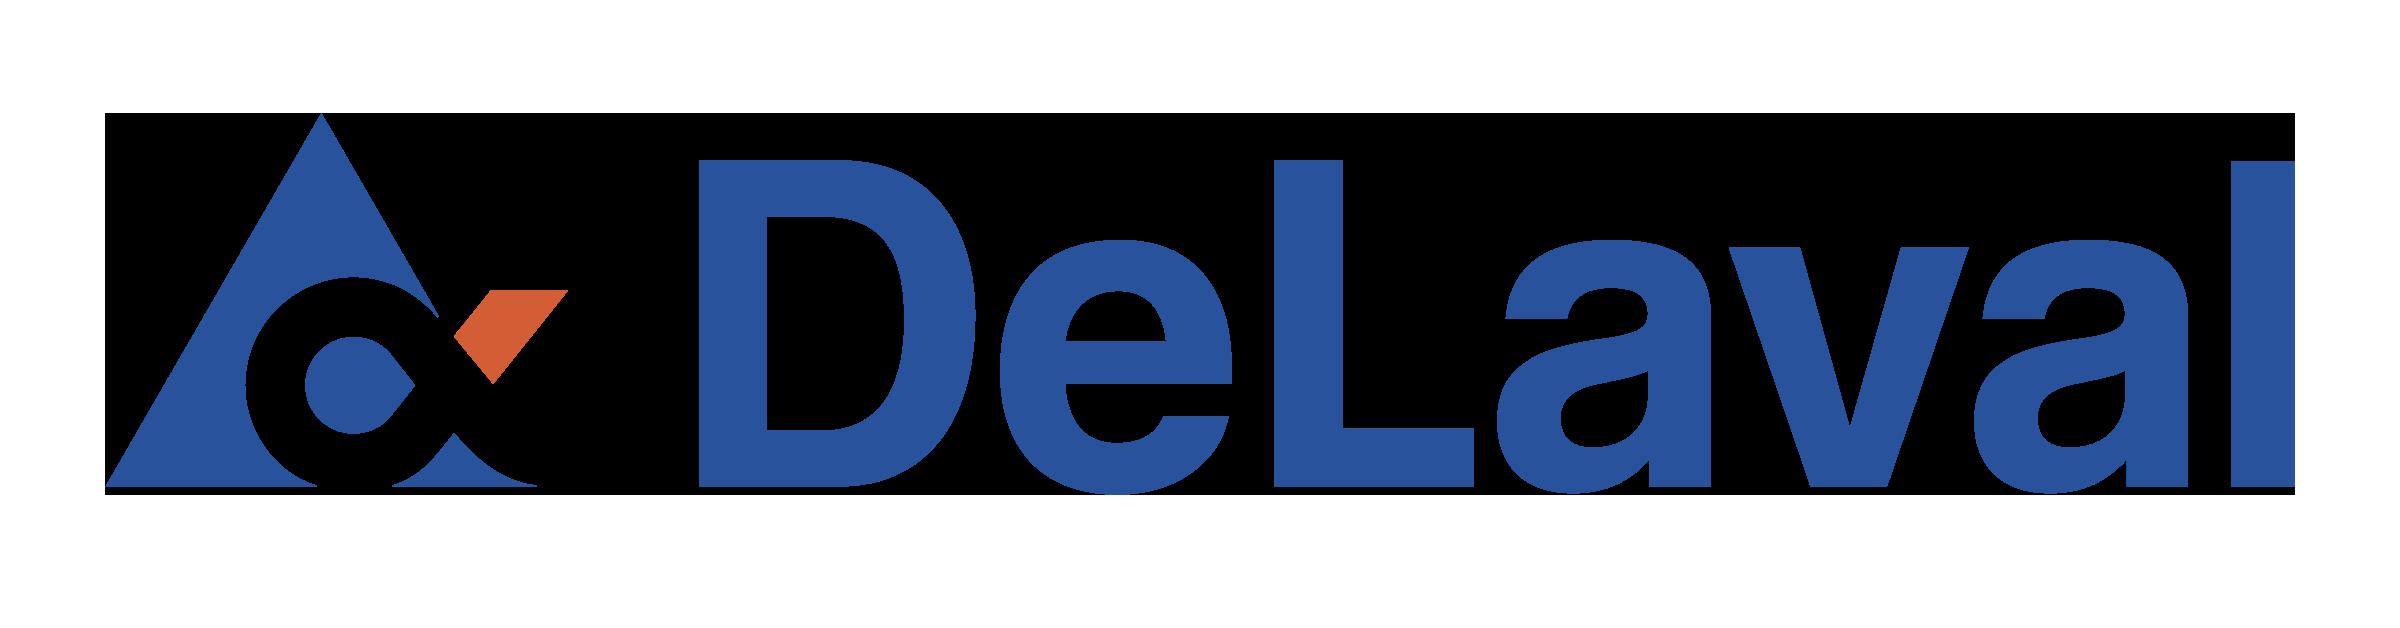 delaval-1-logo-png-transparent.png